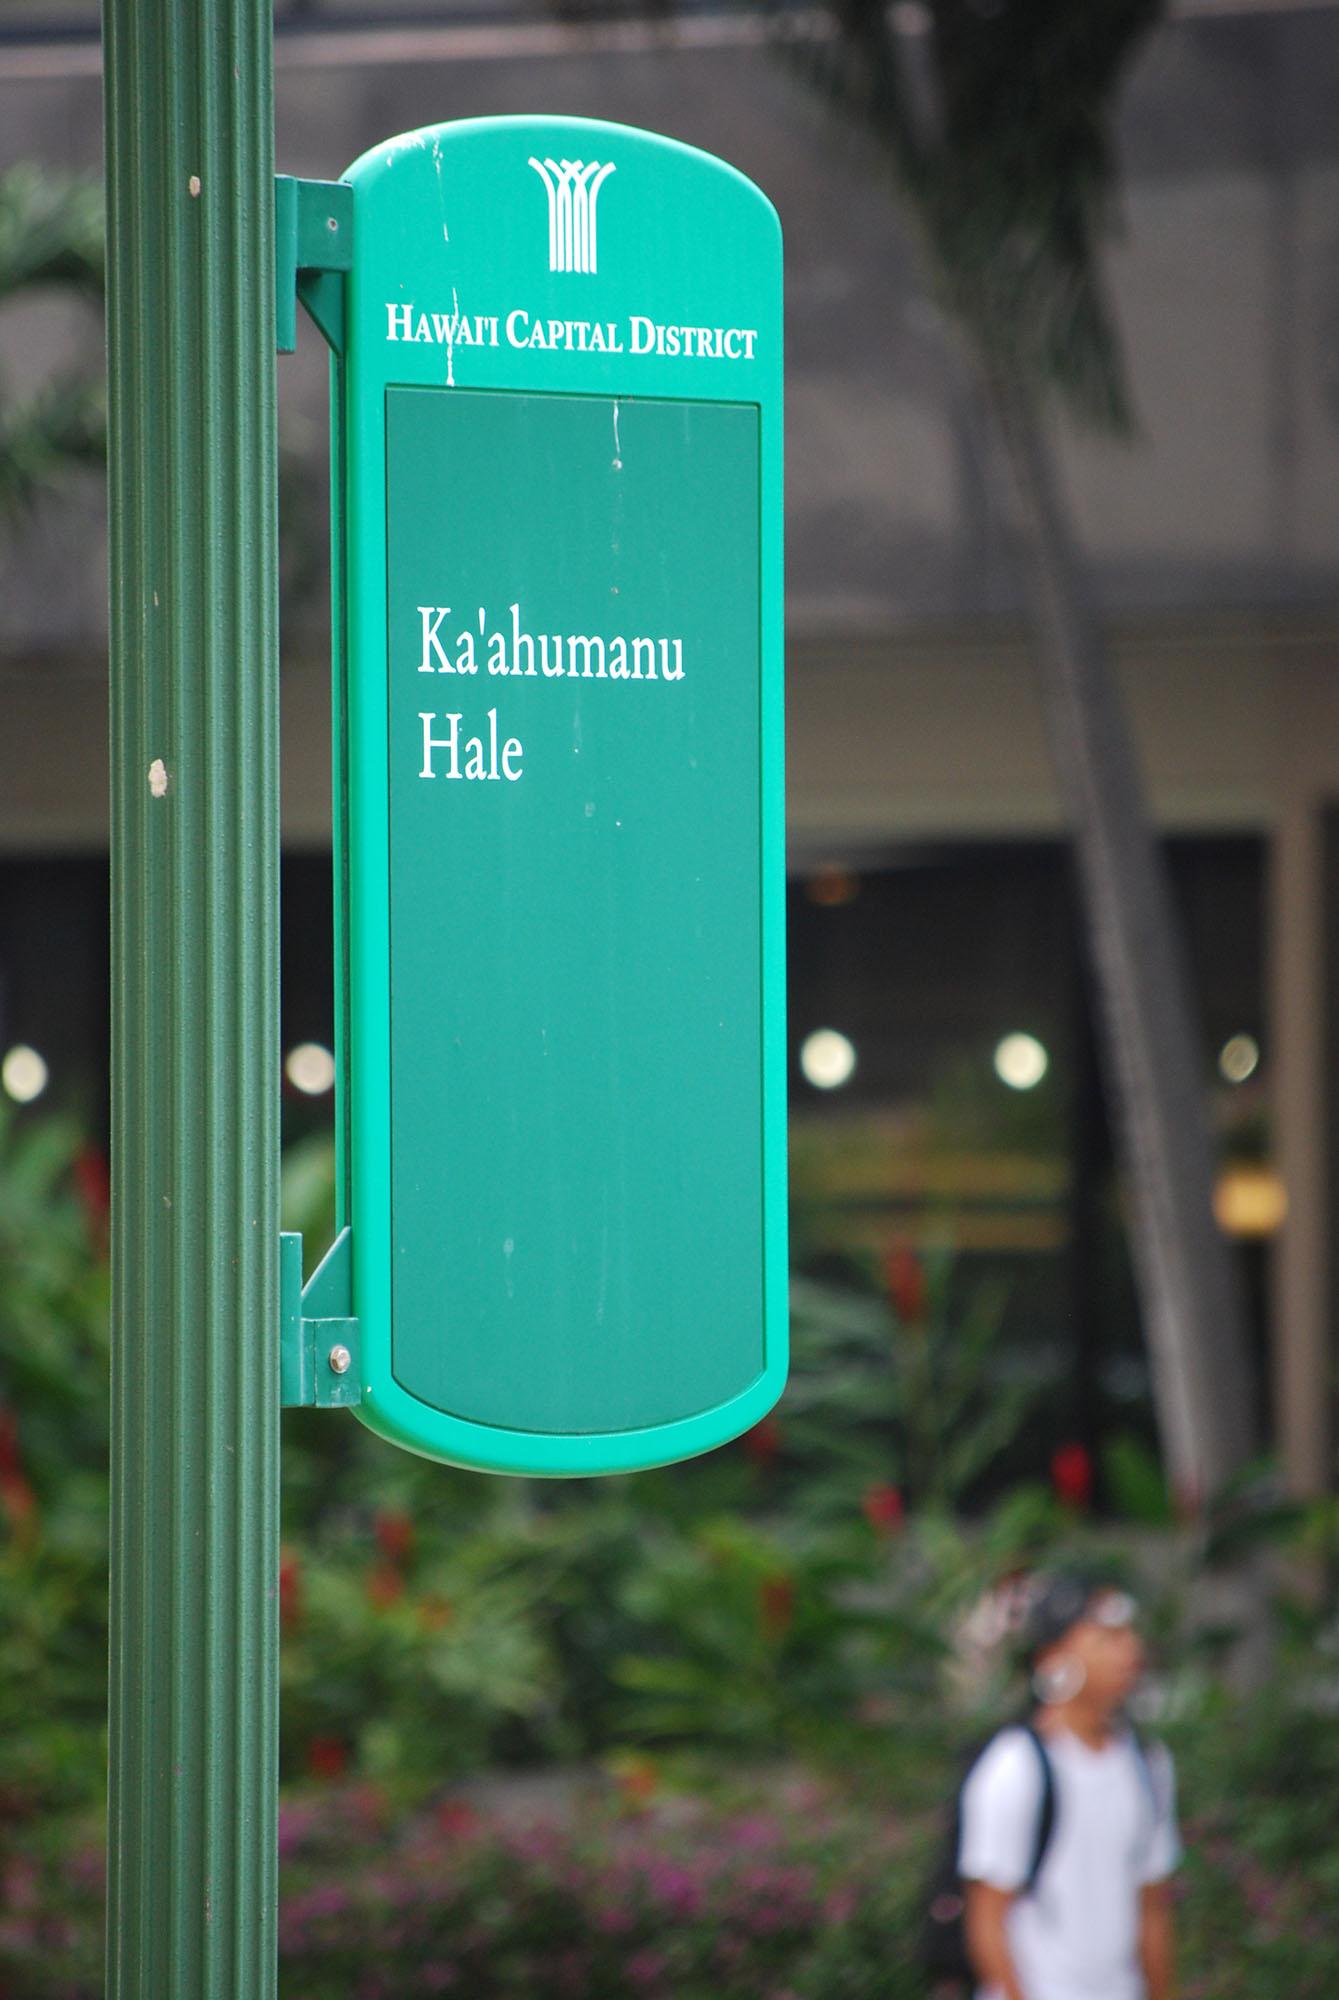 Fig. 7 Hawaiʻi Capital District signage, Kaʻahumanu Hale (or Hawaiʻi First Circuit Courthouse), July 2014. Photo: ©Sally Promey